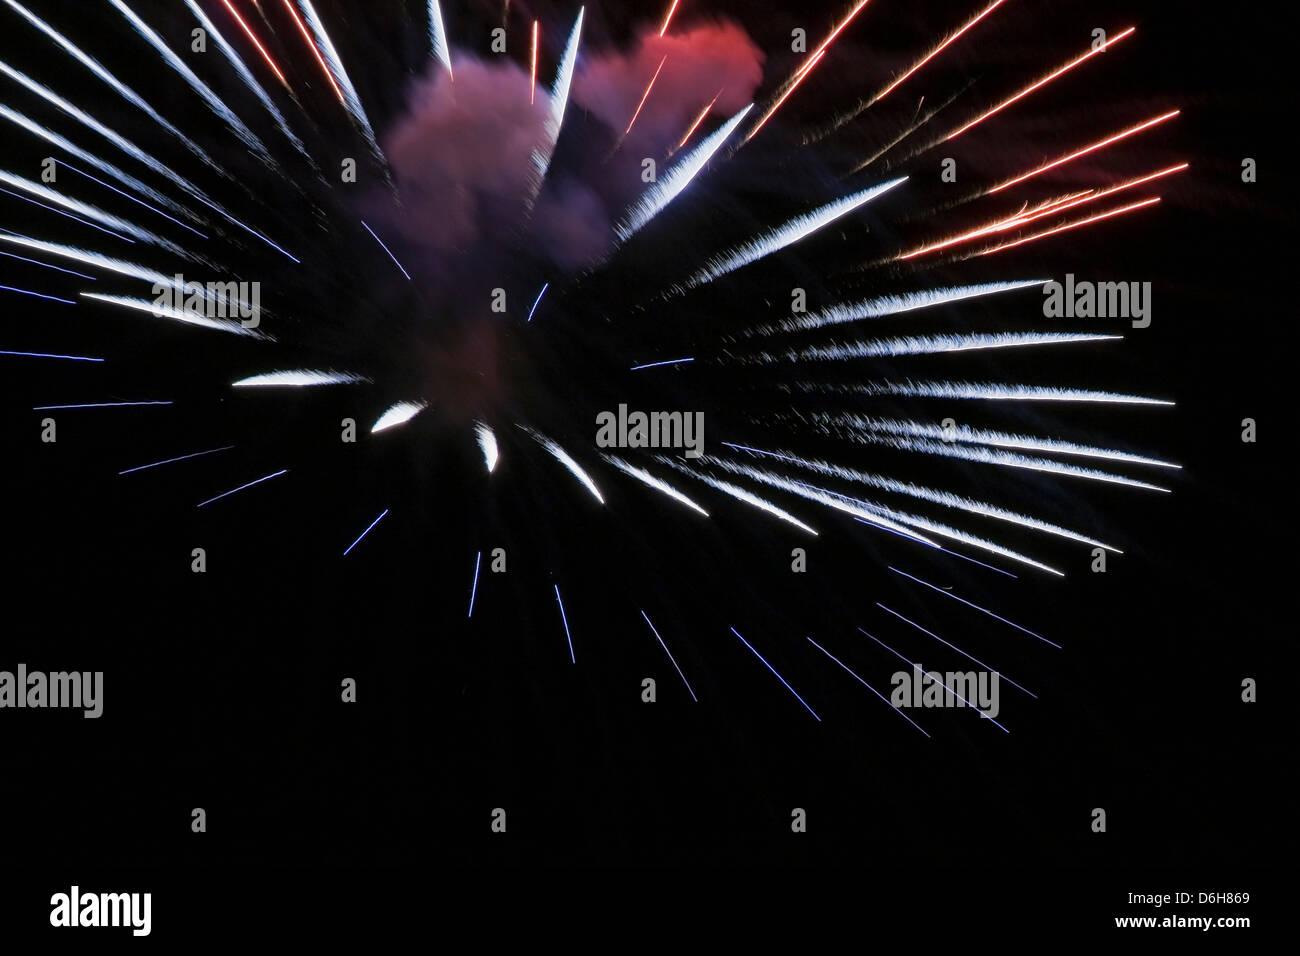 D'artifice qui explose dans le ciel de nuit Banque D'Images